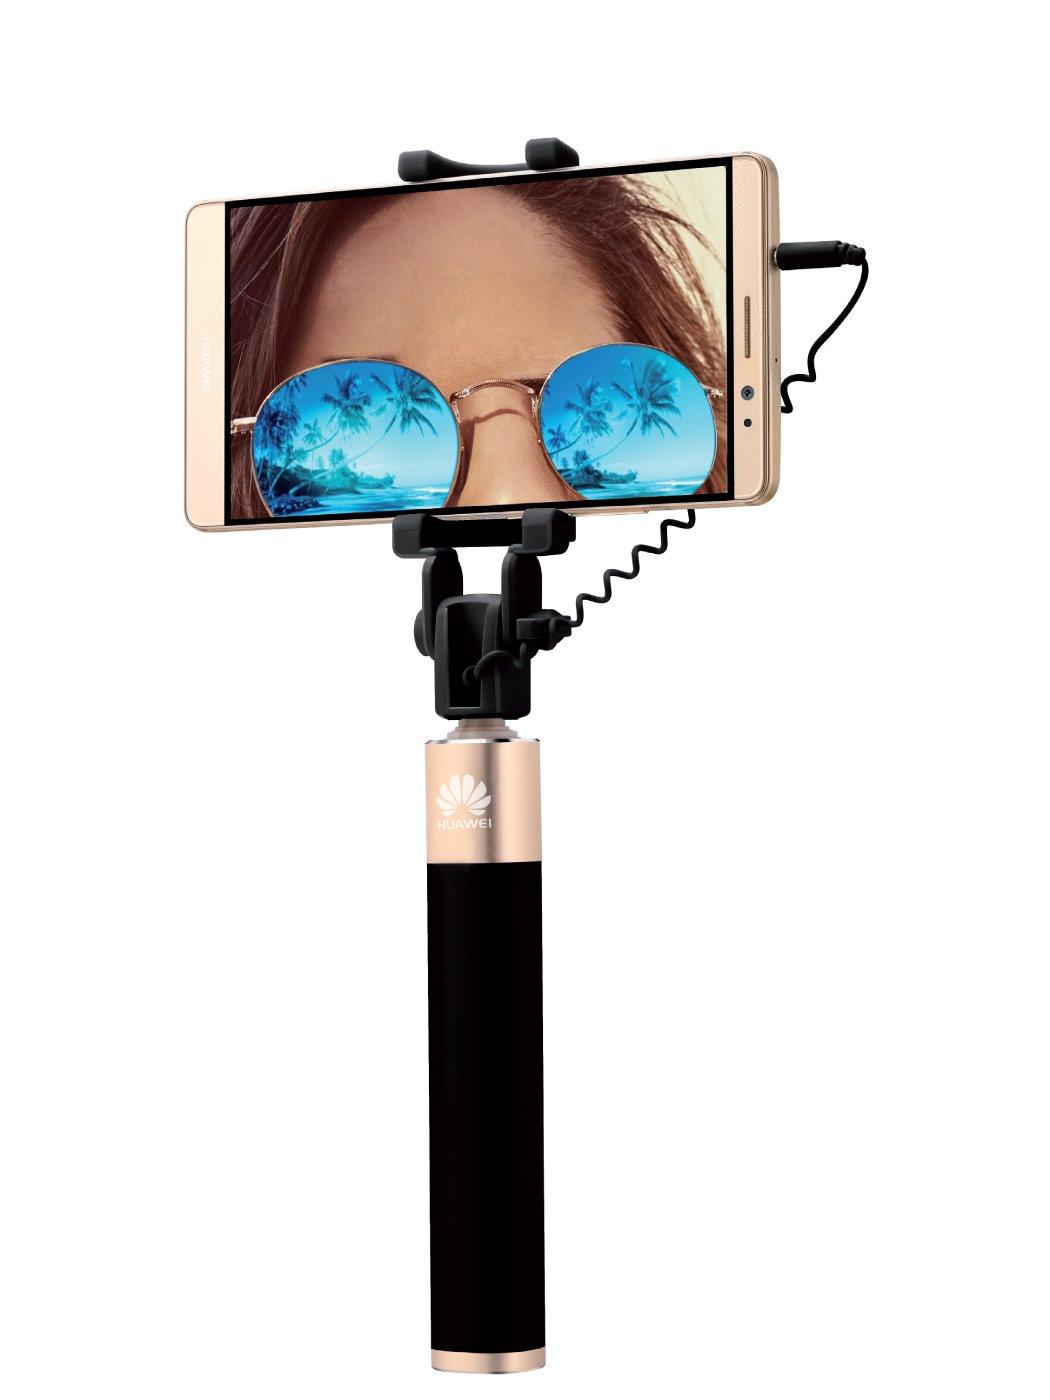 Idą wakacje, więc Huawei ma dla Ciebie selfie-sticka lub powerbank 20